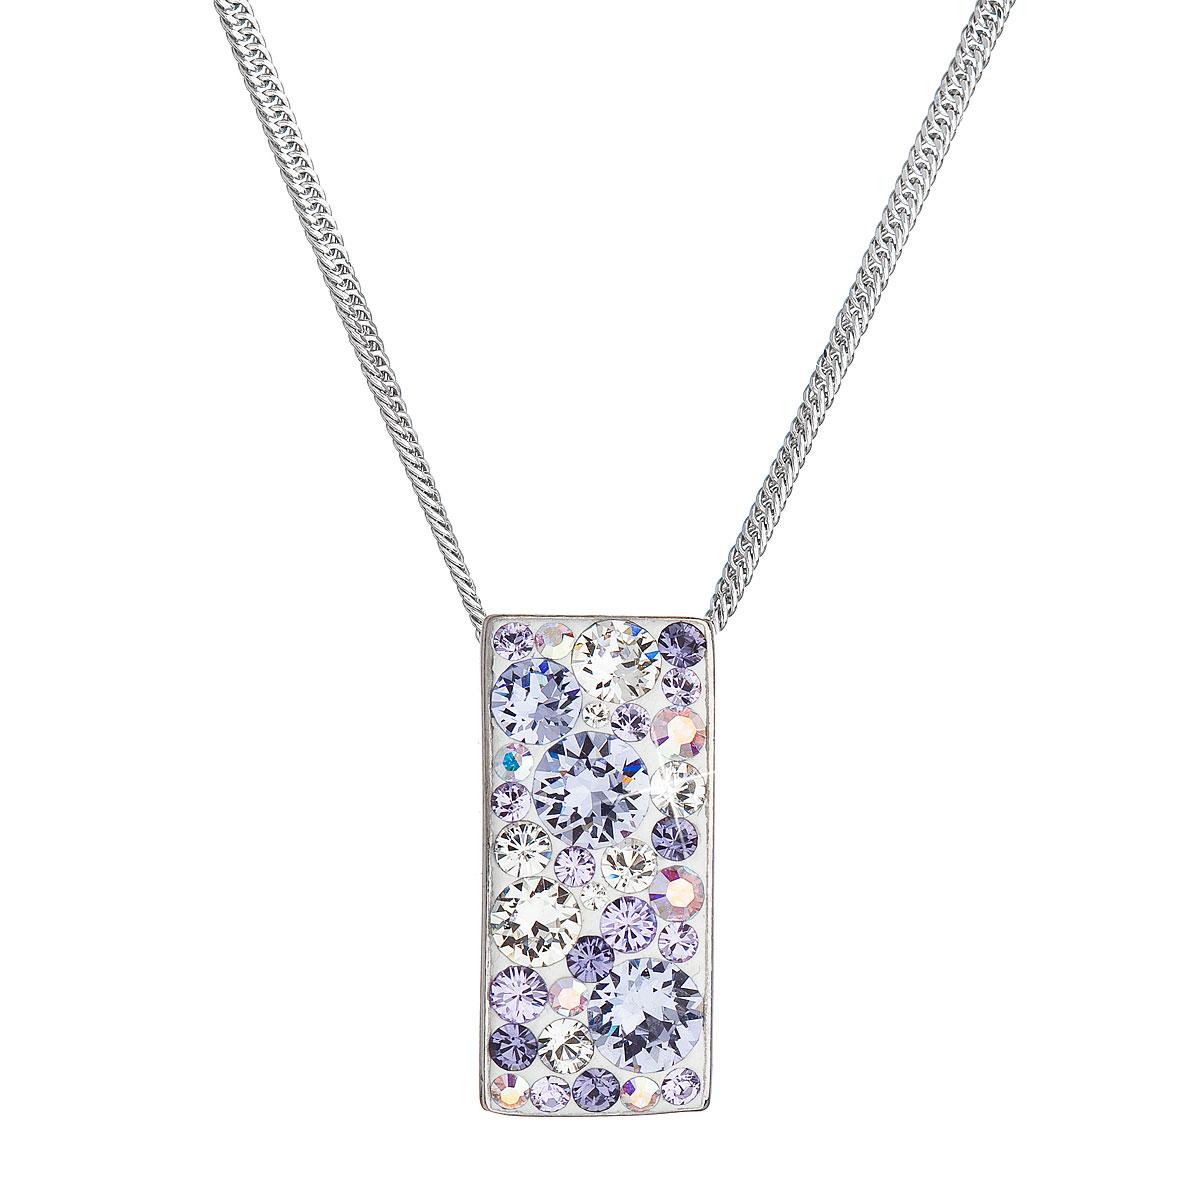 Evolution Group Stříbrný náhrdelník se Swarovski krystaly fialový obdélník 32074.3 violet